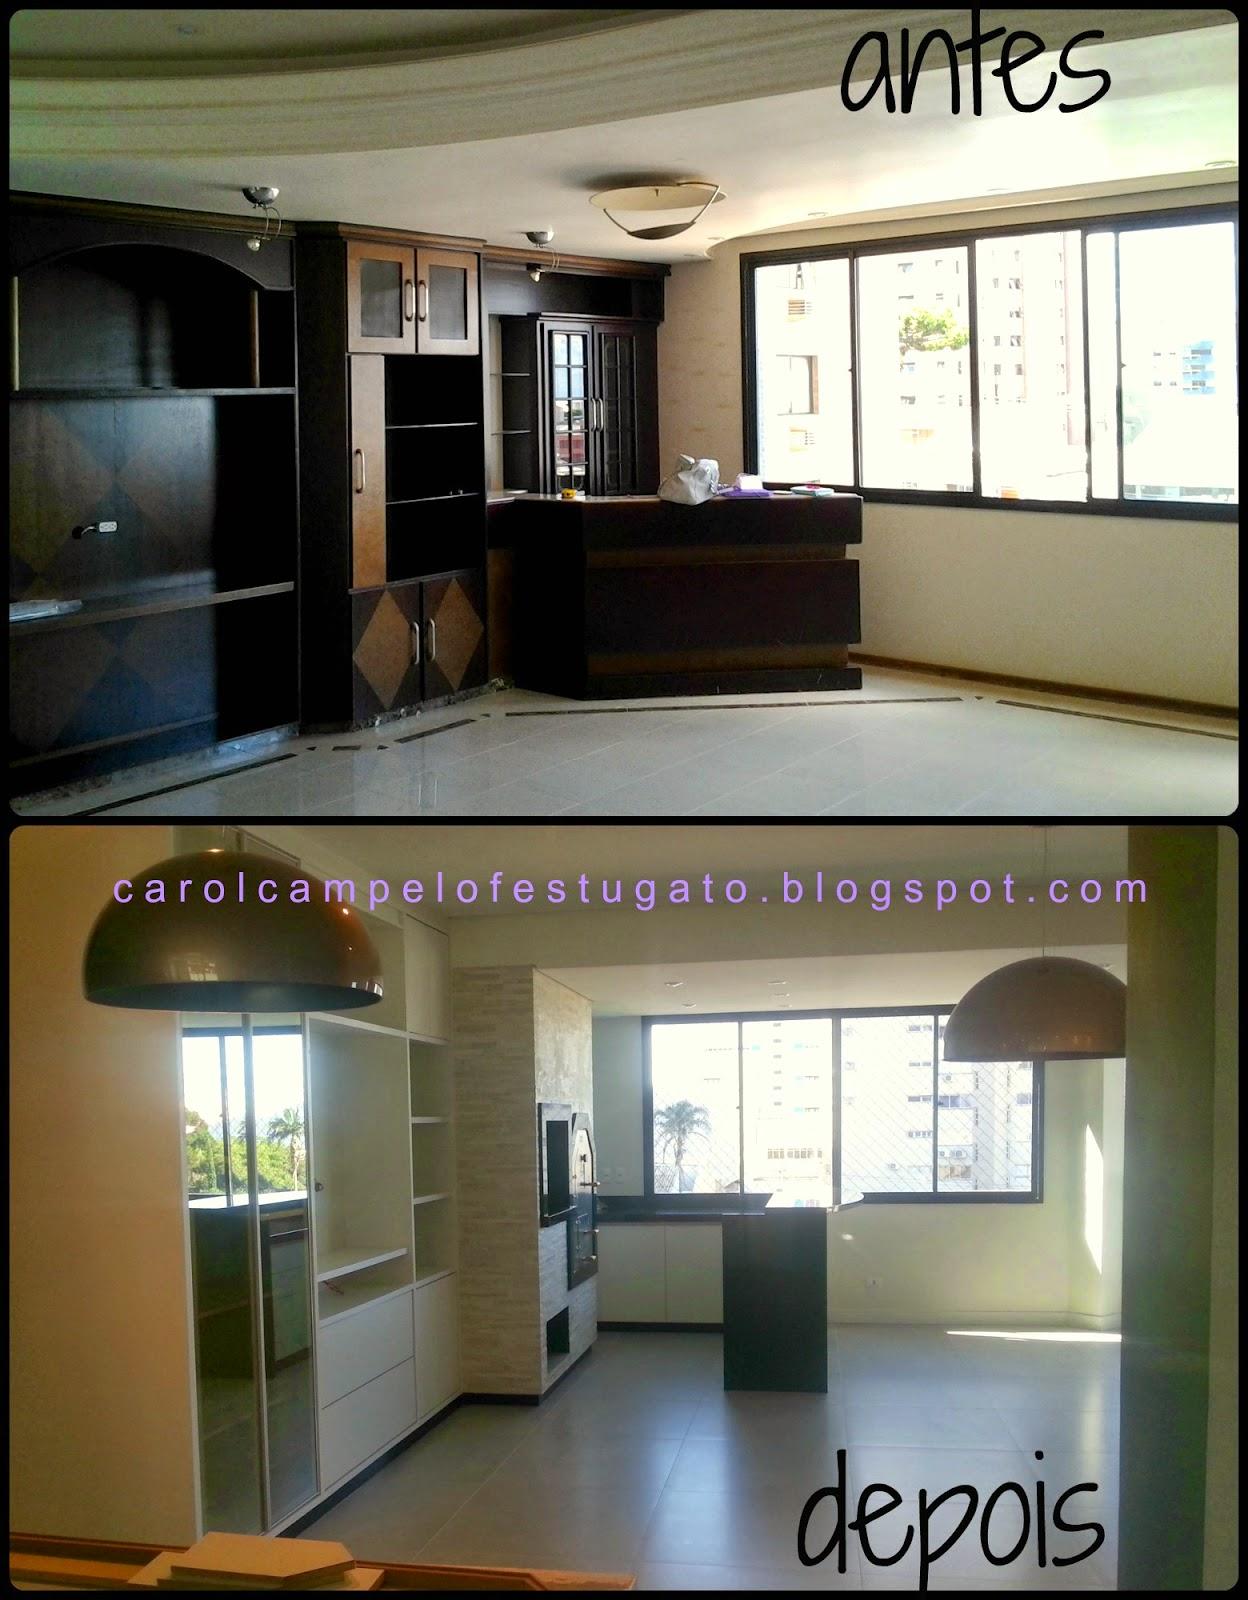 Imagens de #634E2B CarolCampeloFestugato: ANTES E DEPOIS reforma de apartamento 1248x1600 px 3688 Banheiros Reformados Fotos Antes Depois